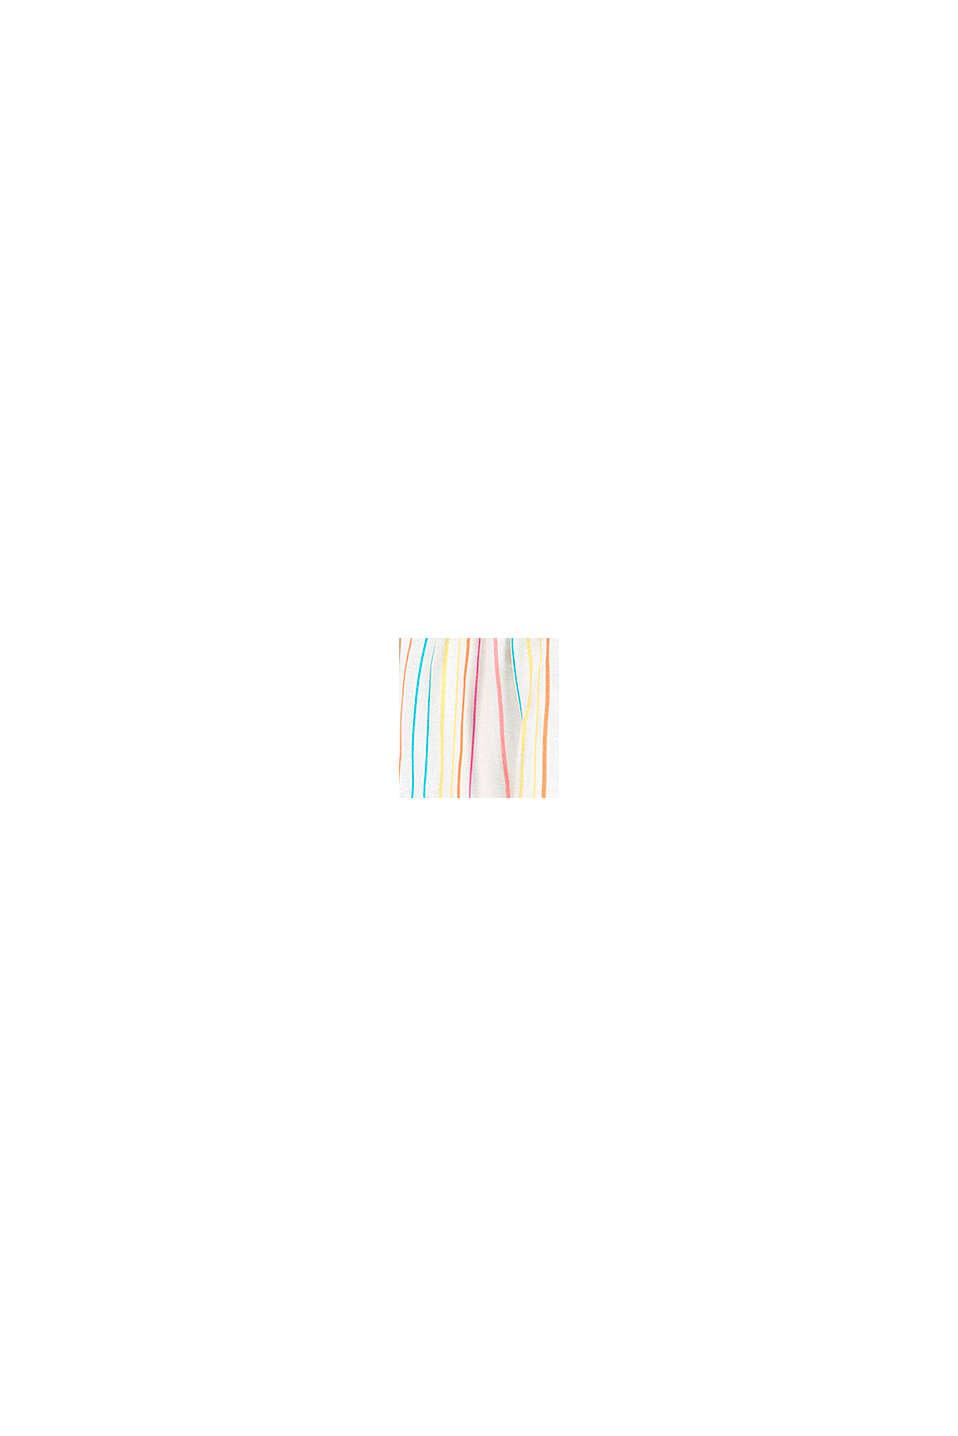 Rok met elastische band en kleurige strepen, LIGHT TURQUOISE, swatch